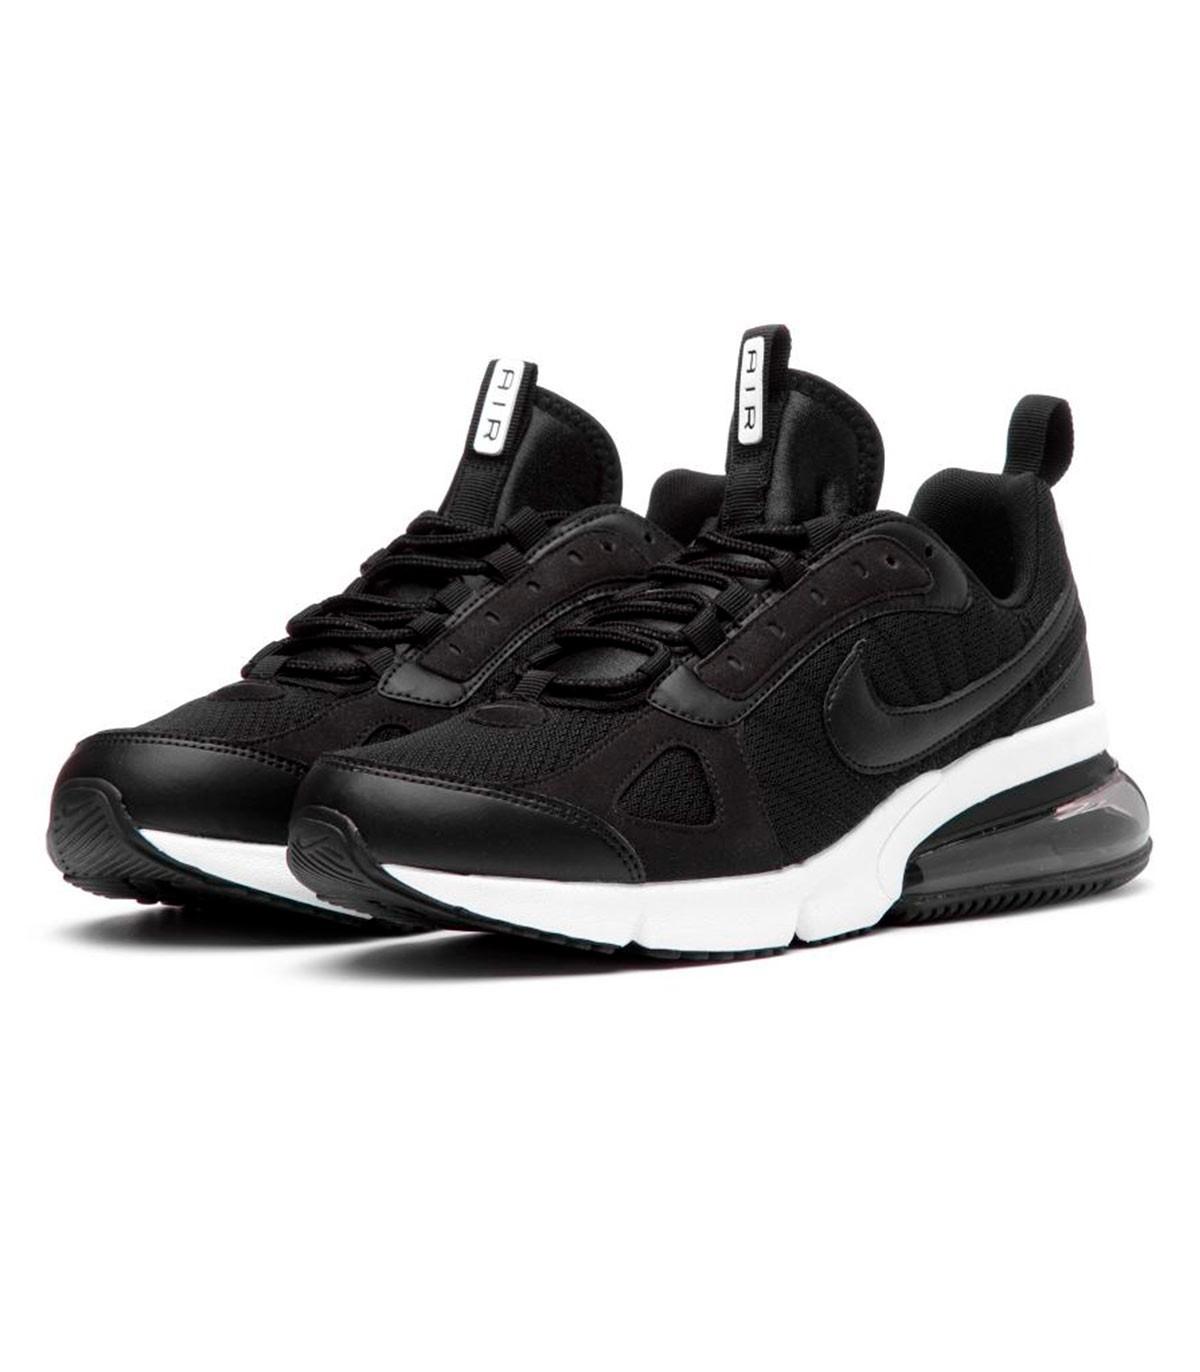 on sale 9e530 c7431 Zapatillas Nike Air Max 270 Futura